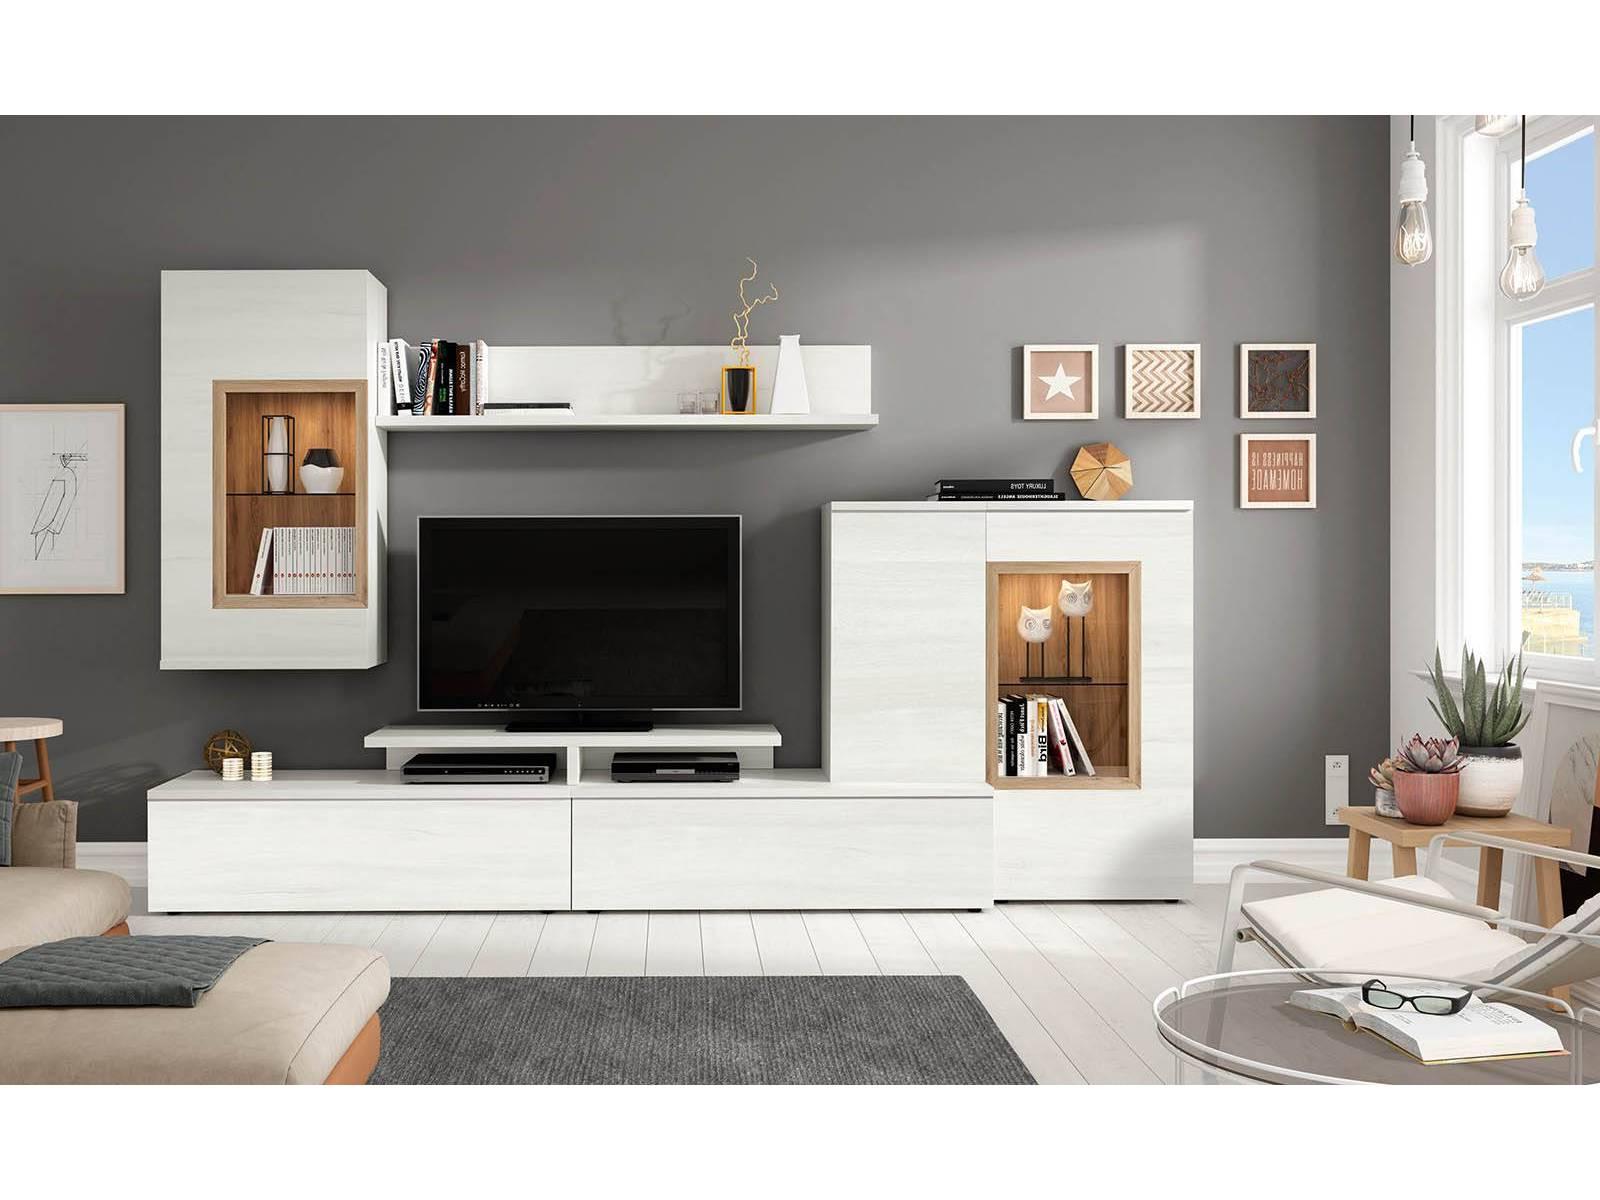 Muebles De Salon Merkamueble H9d9 Modular De Salà N Colores Polar Y Roble